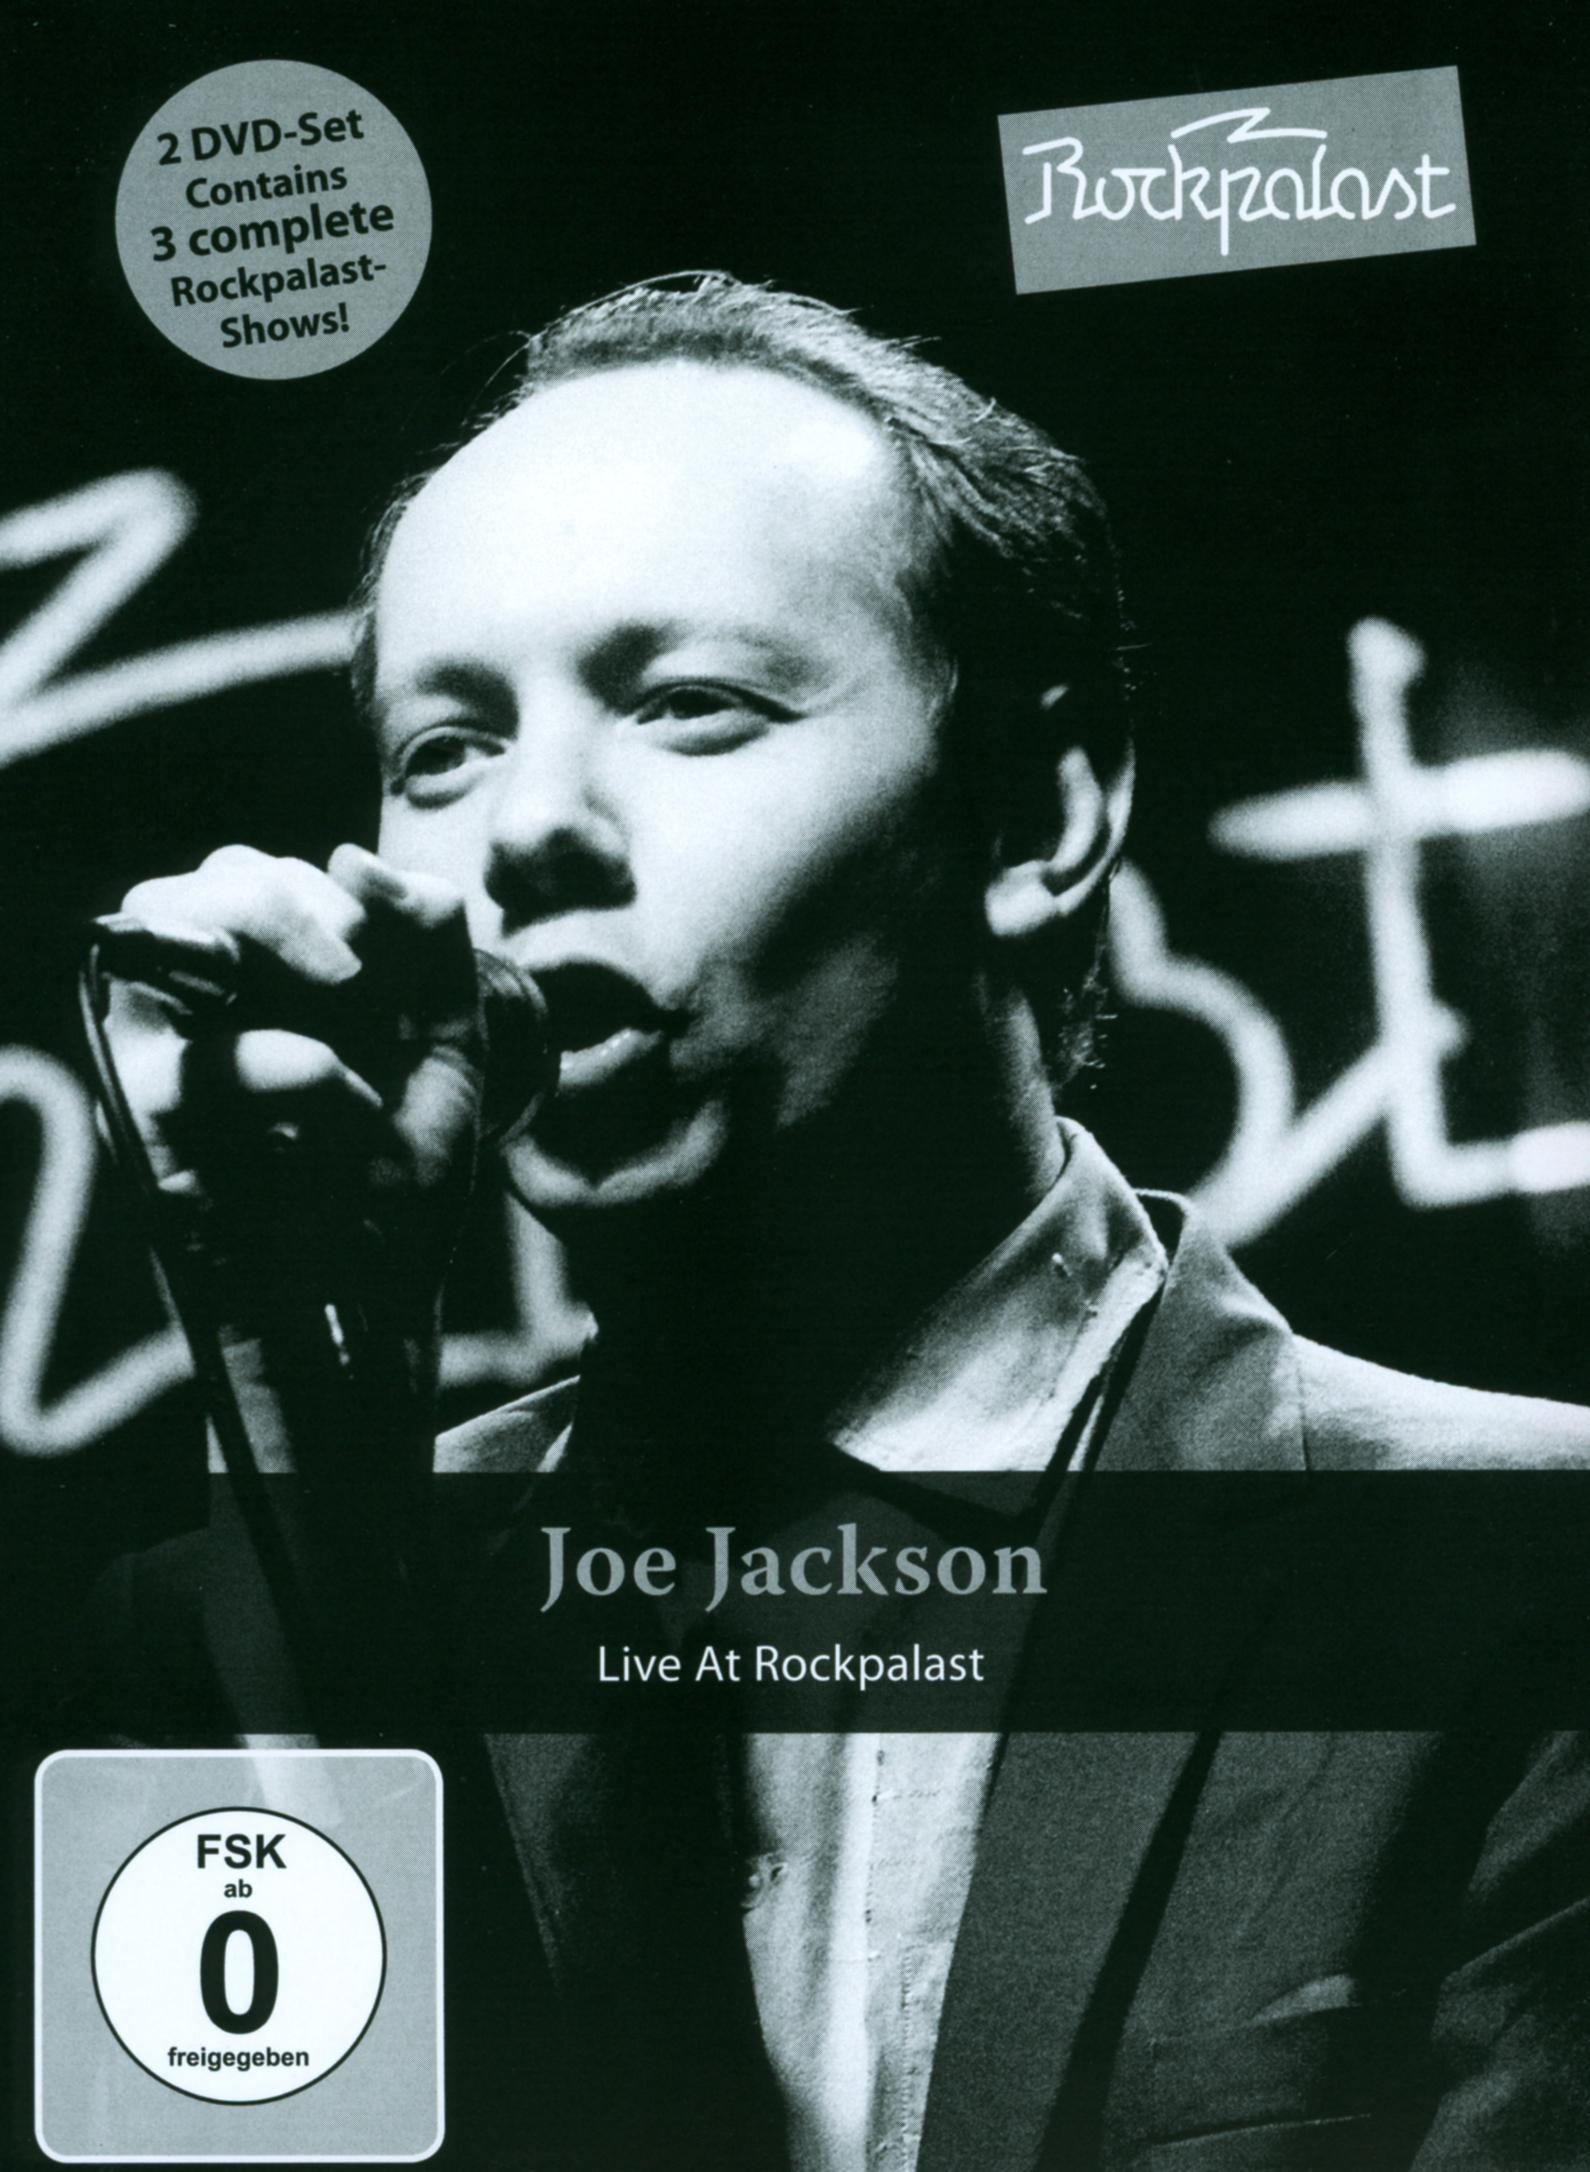 Rockpalast: Joe Jackson